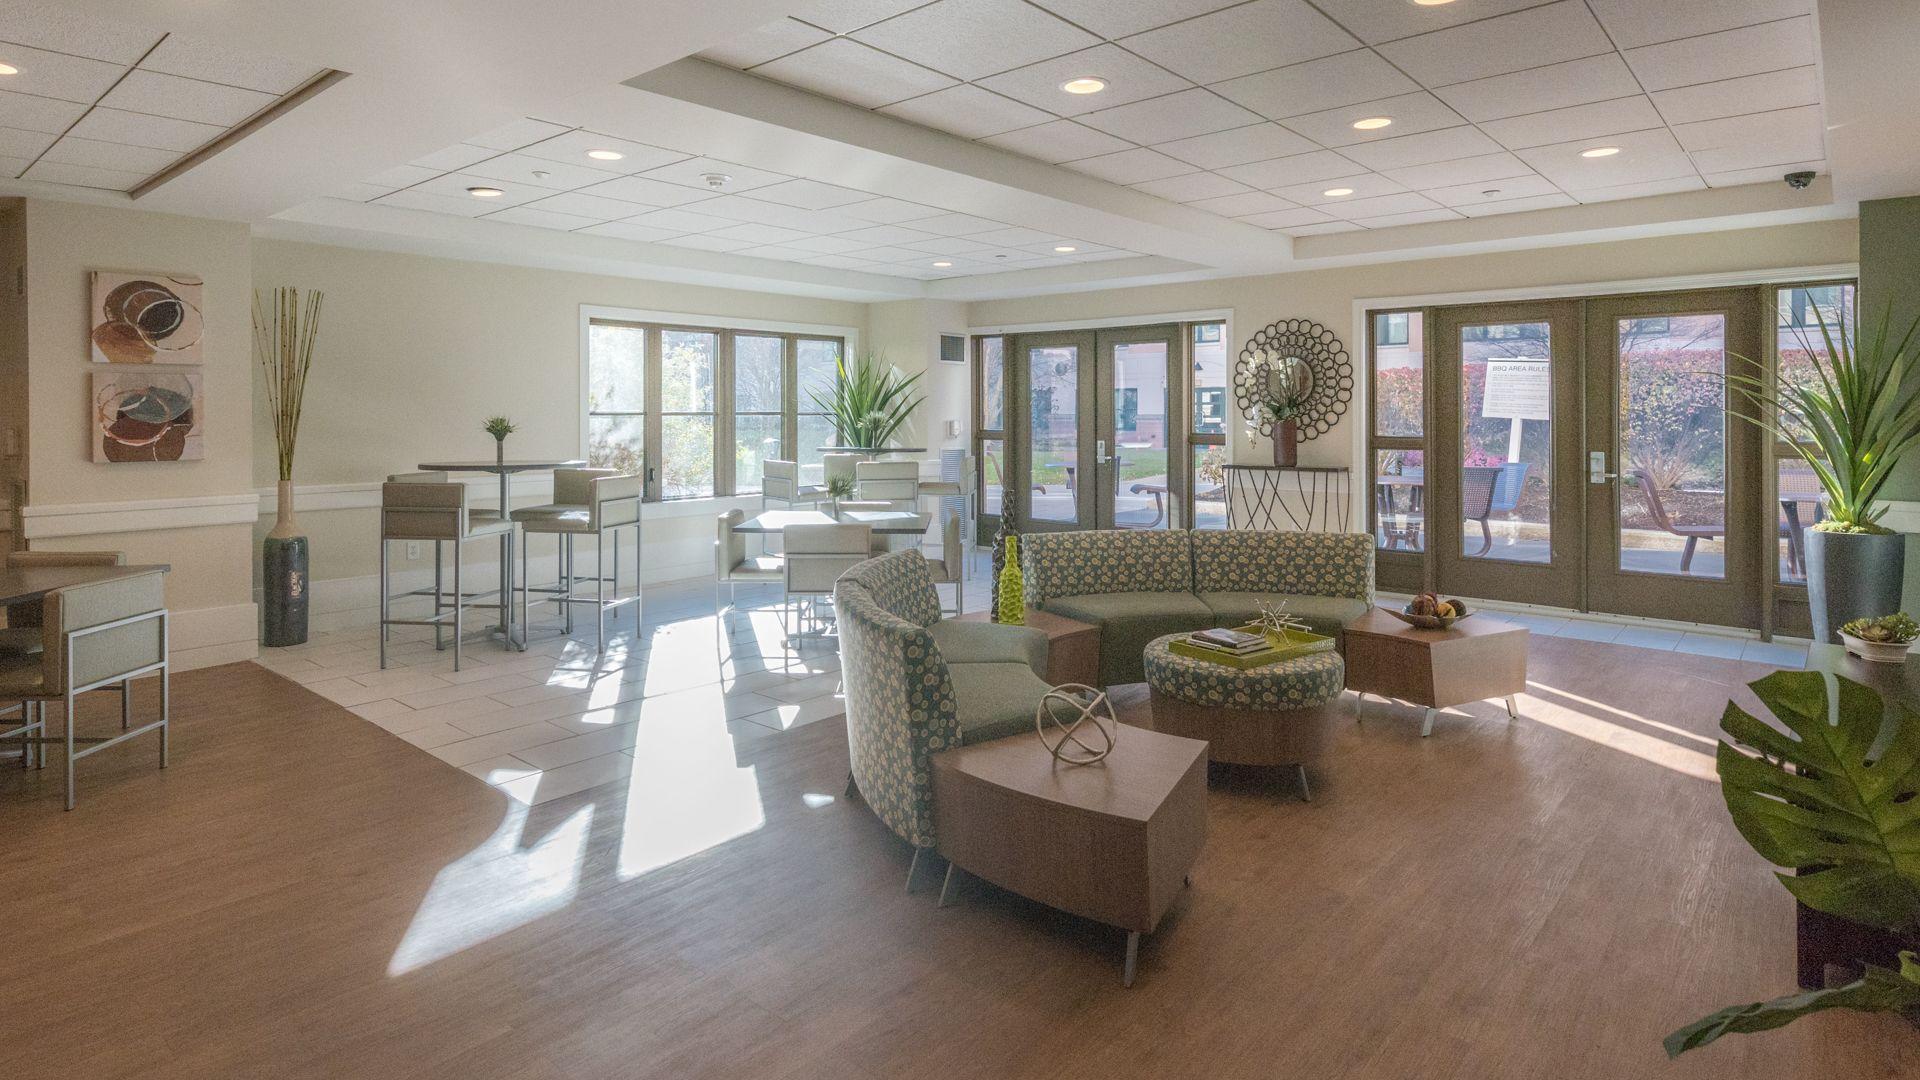 Cambridge Park Apartments - Lounge